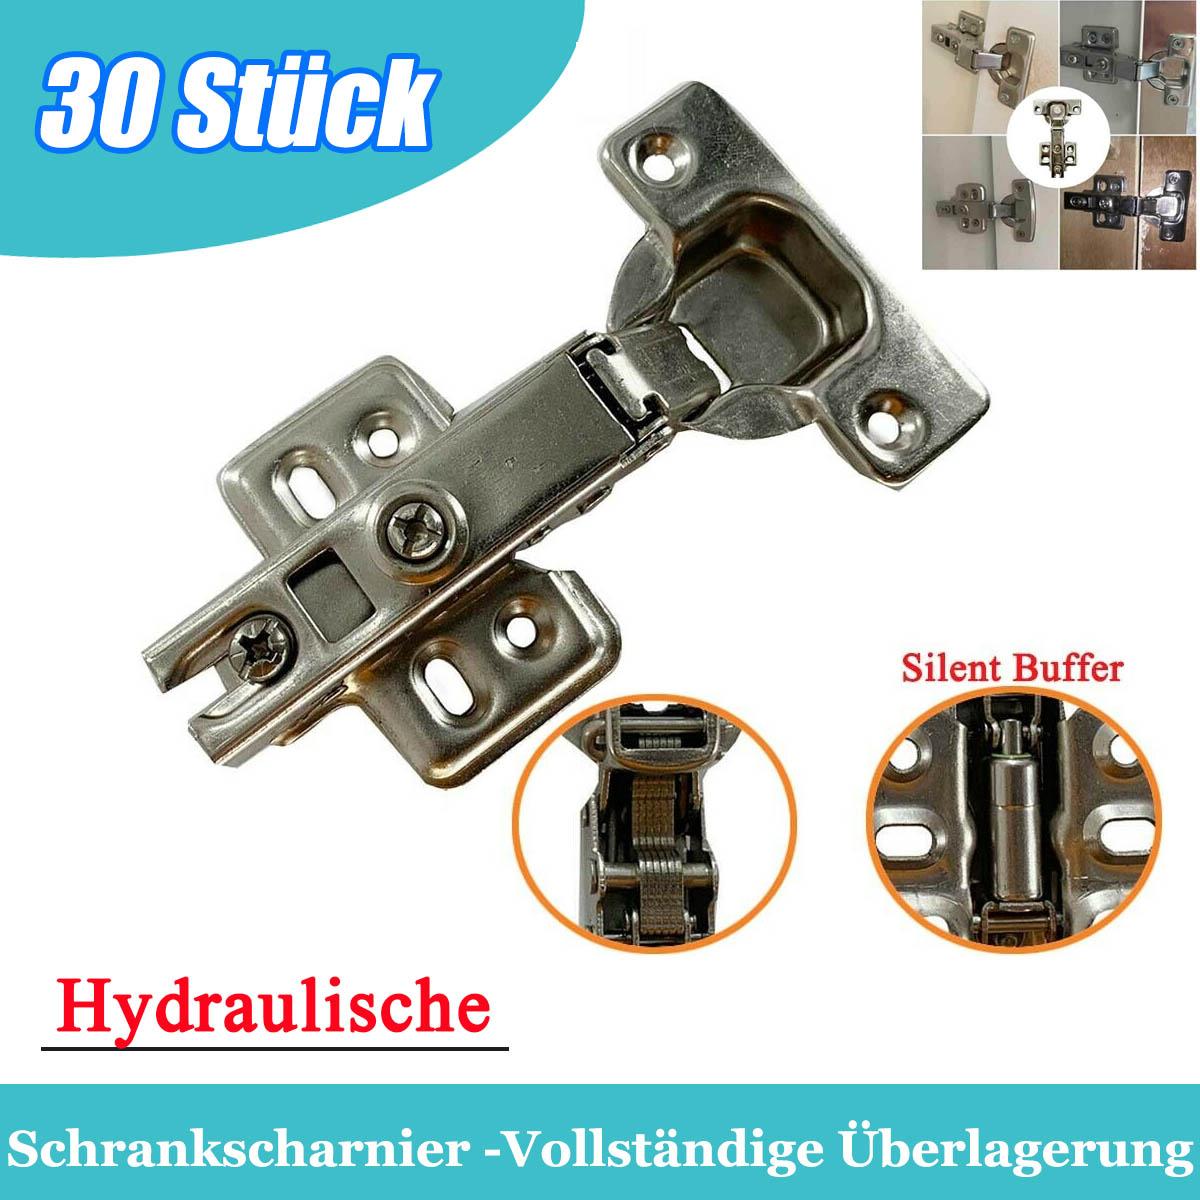 Kabinettscharniertür Hydraulische Küchenschrank Einlegen-EinbettenDämpfer30Stück